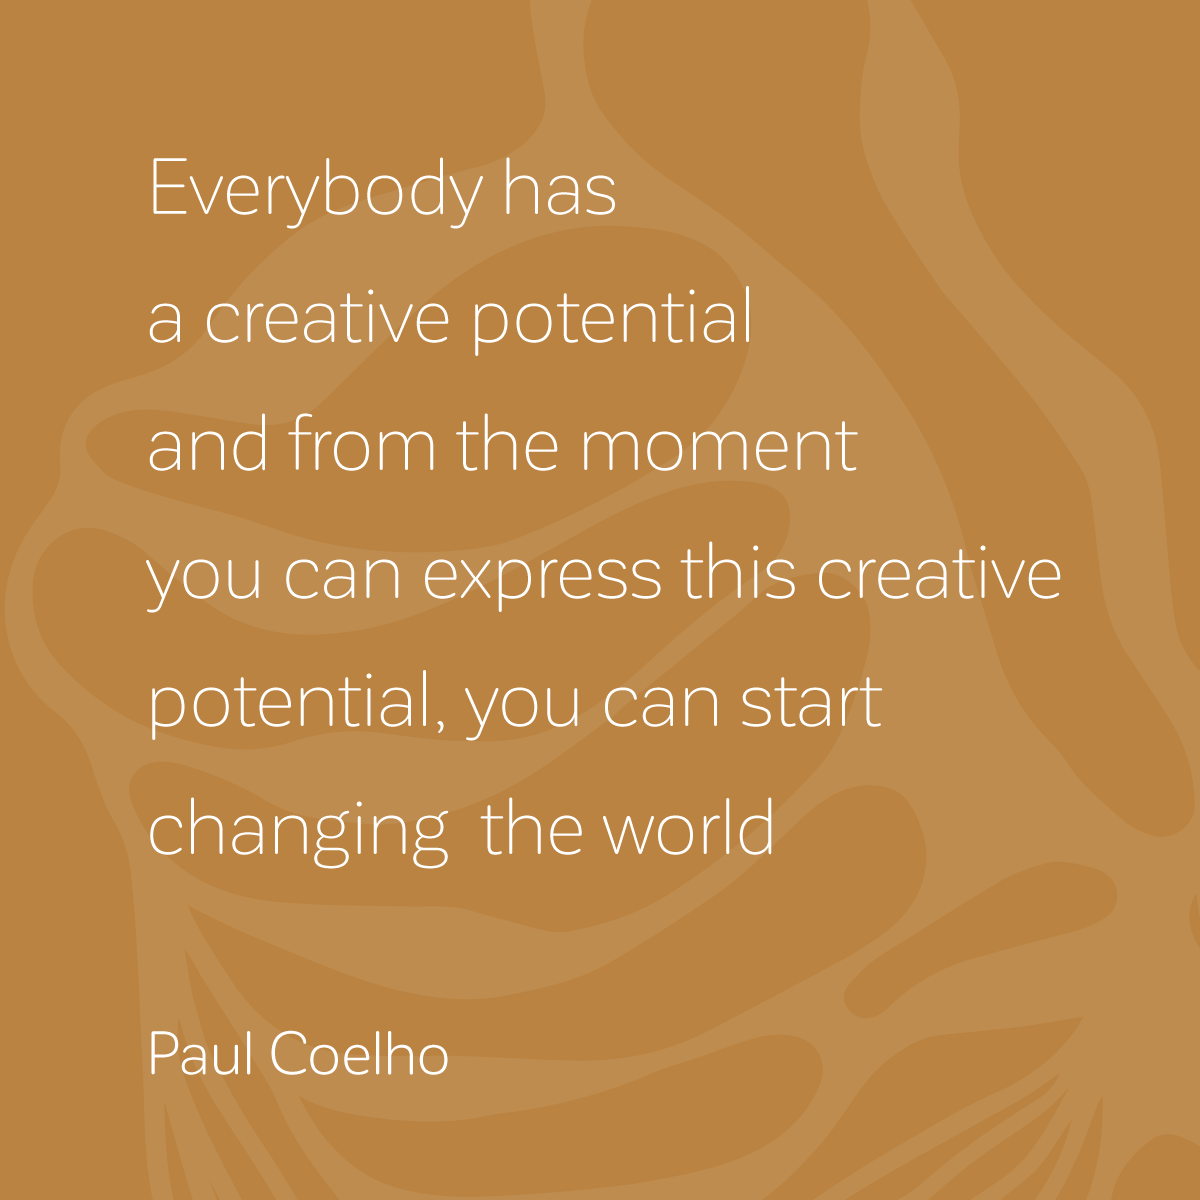 Cora Verhagen - quote Paulo Coelho